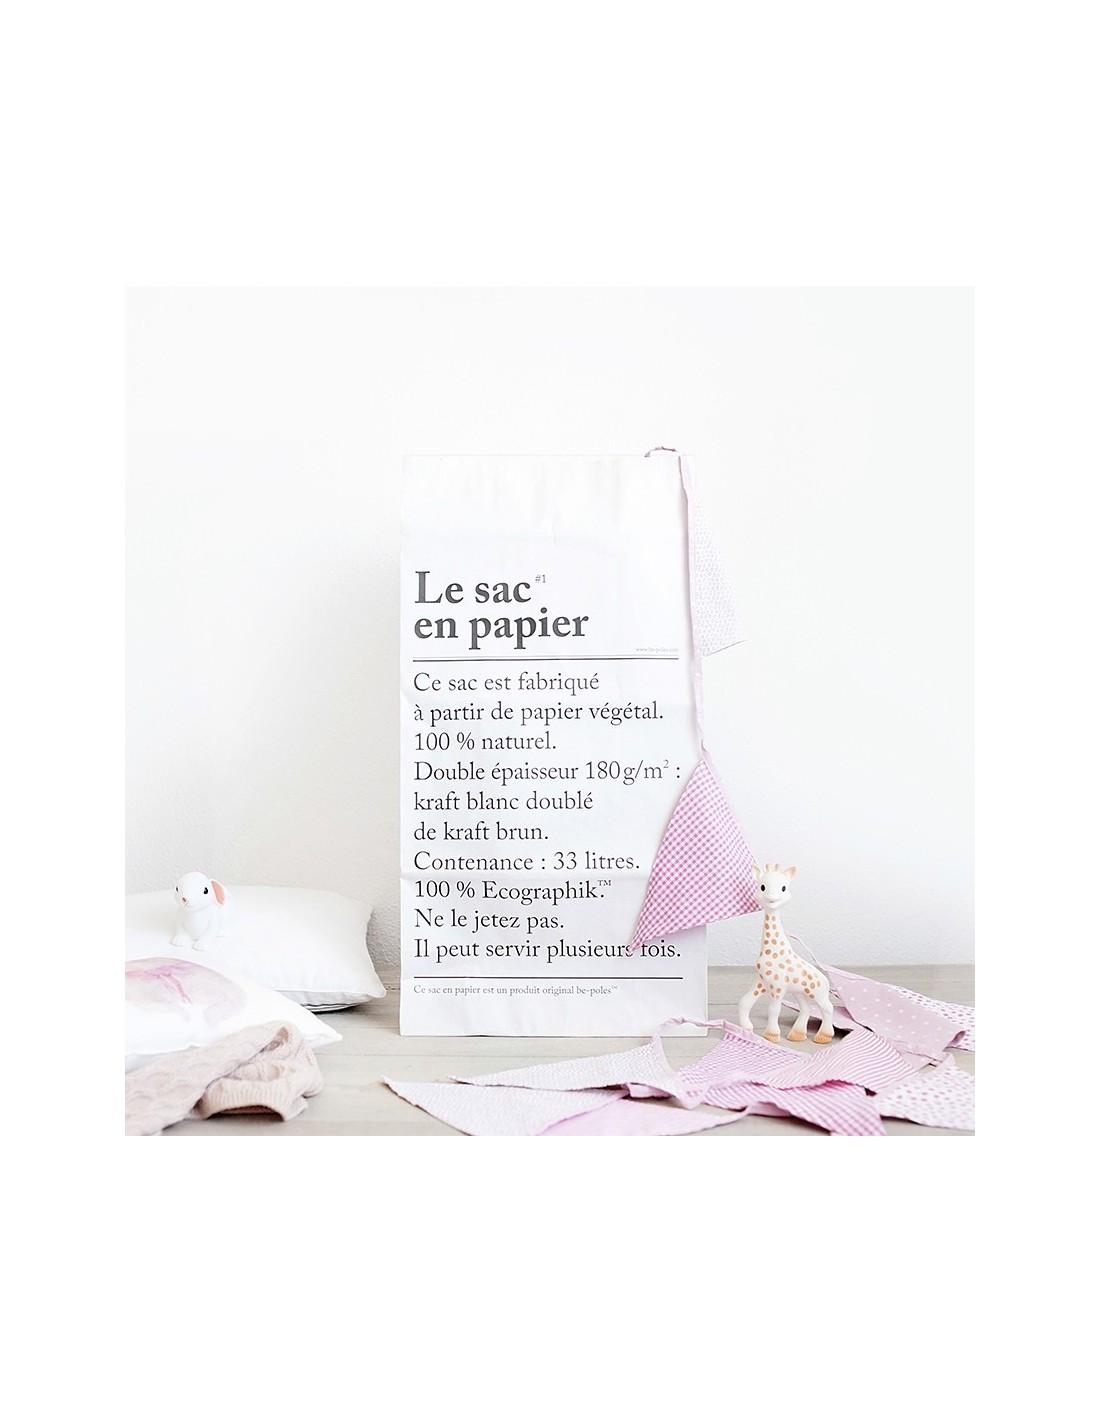 Le sac en papier the paper bag oui oui for Sac en papier